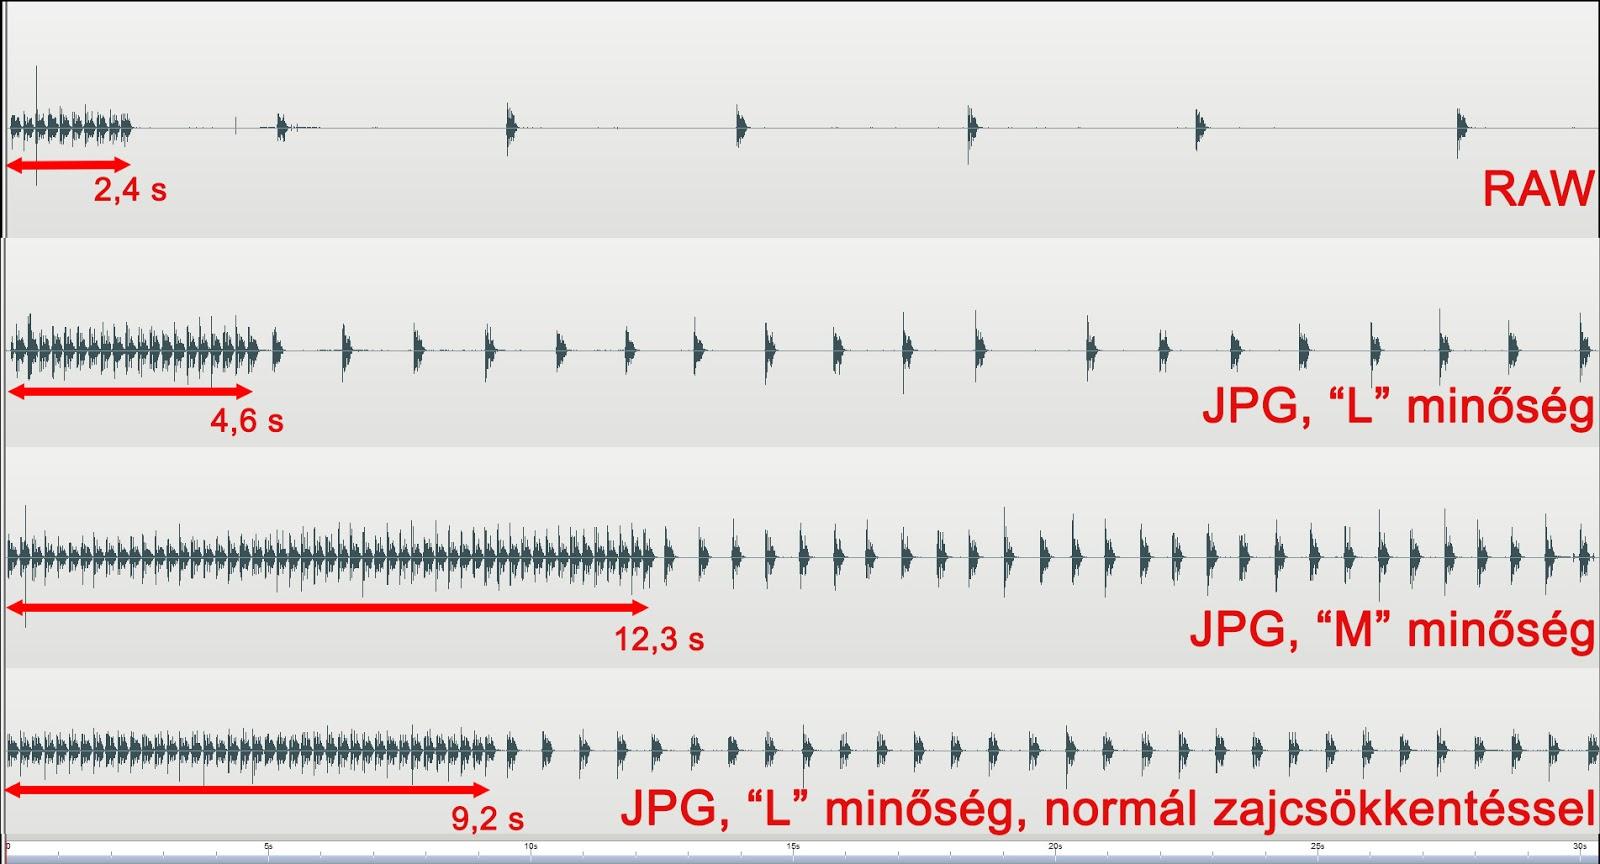 Canon EOS 6D sorozatexpozíció hangfelvétele RAW és JPG fájlok esetén